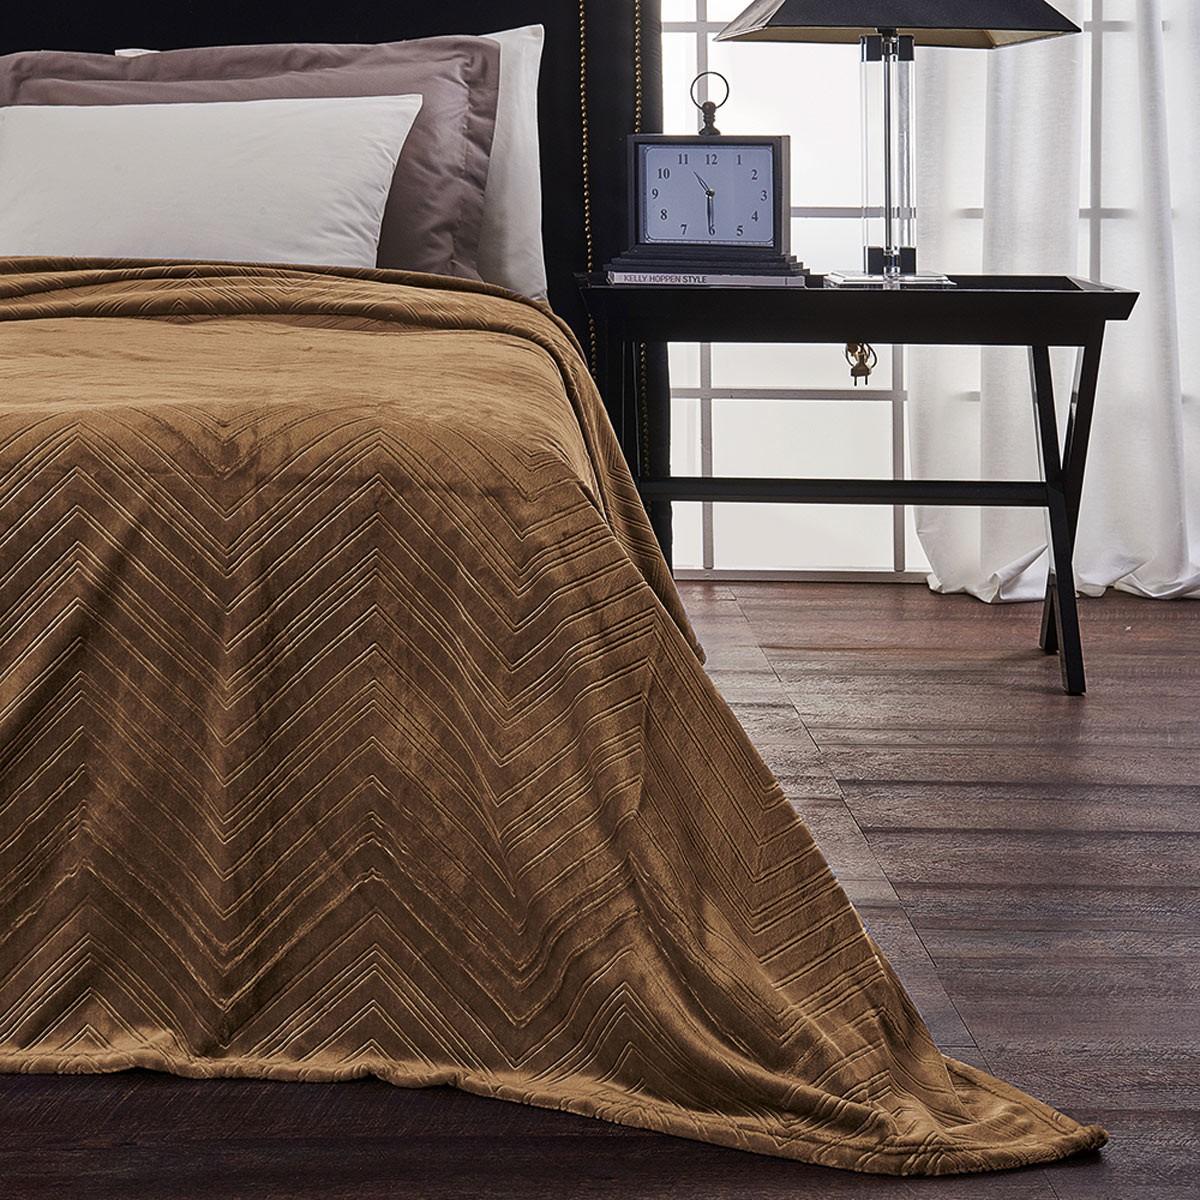 Κουβέρτα Fleece Υπέρδιπλη V19.69 Angolo Chocolate